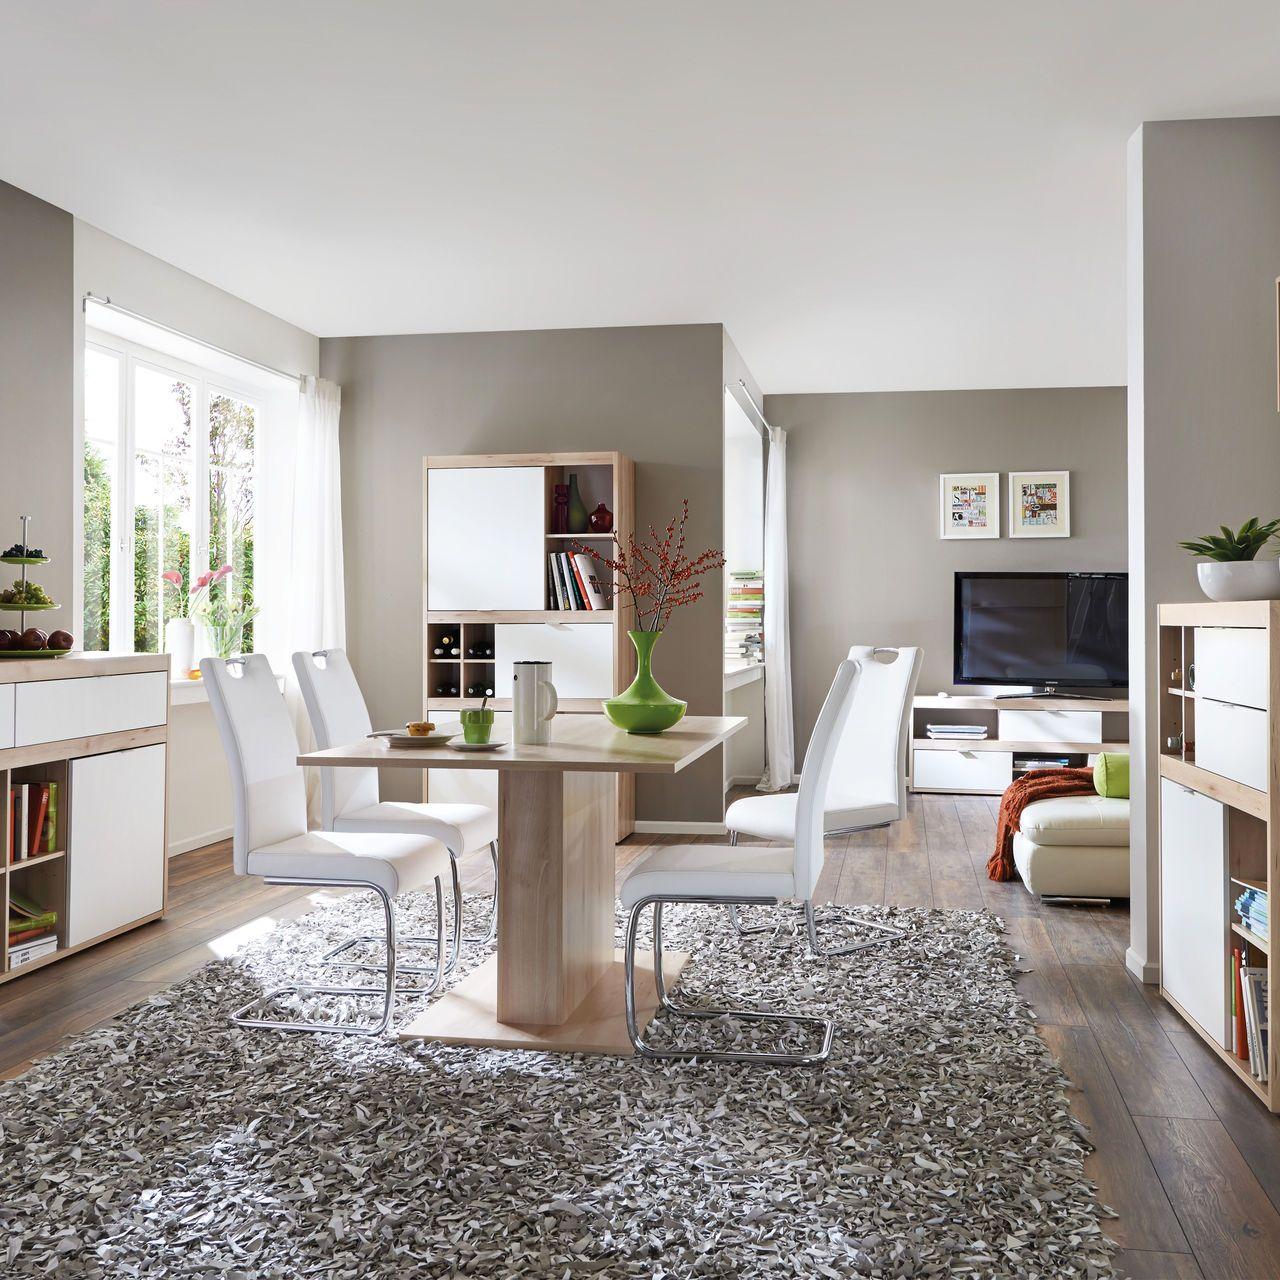 modern und zeitlos Wohnen, Haus, Haus deko